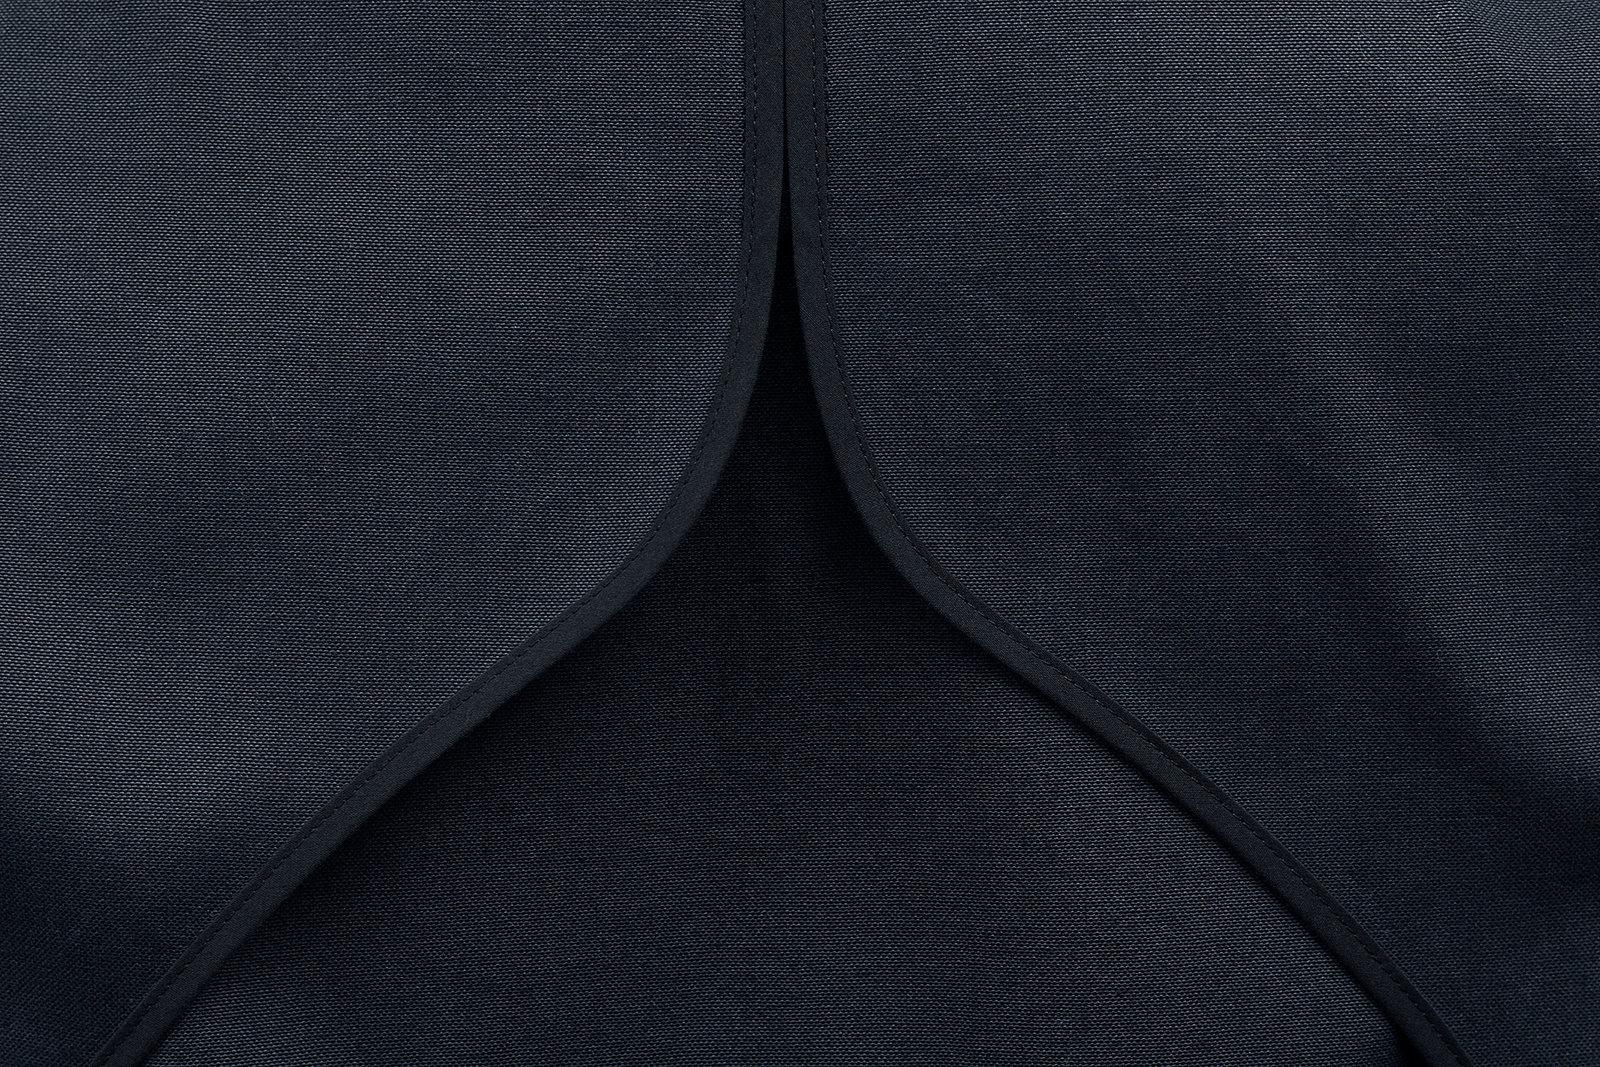 engineer-jacket-cotton-canvas-dark-navy-10@2x.jpg